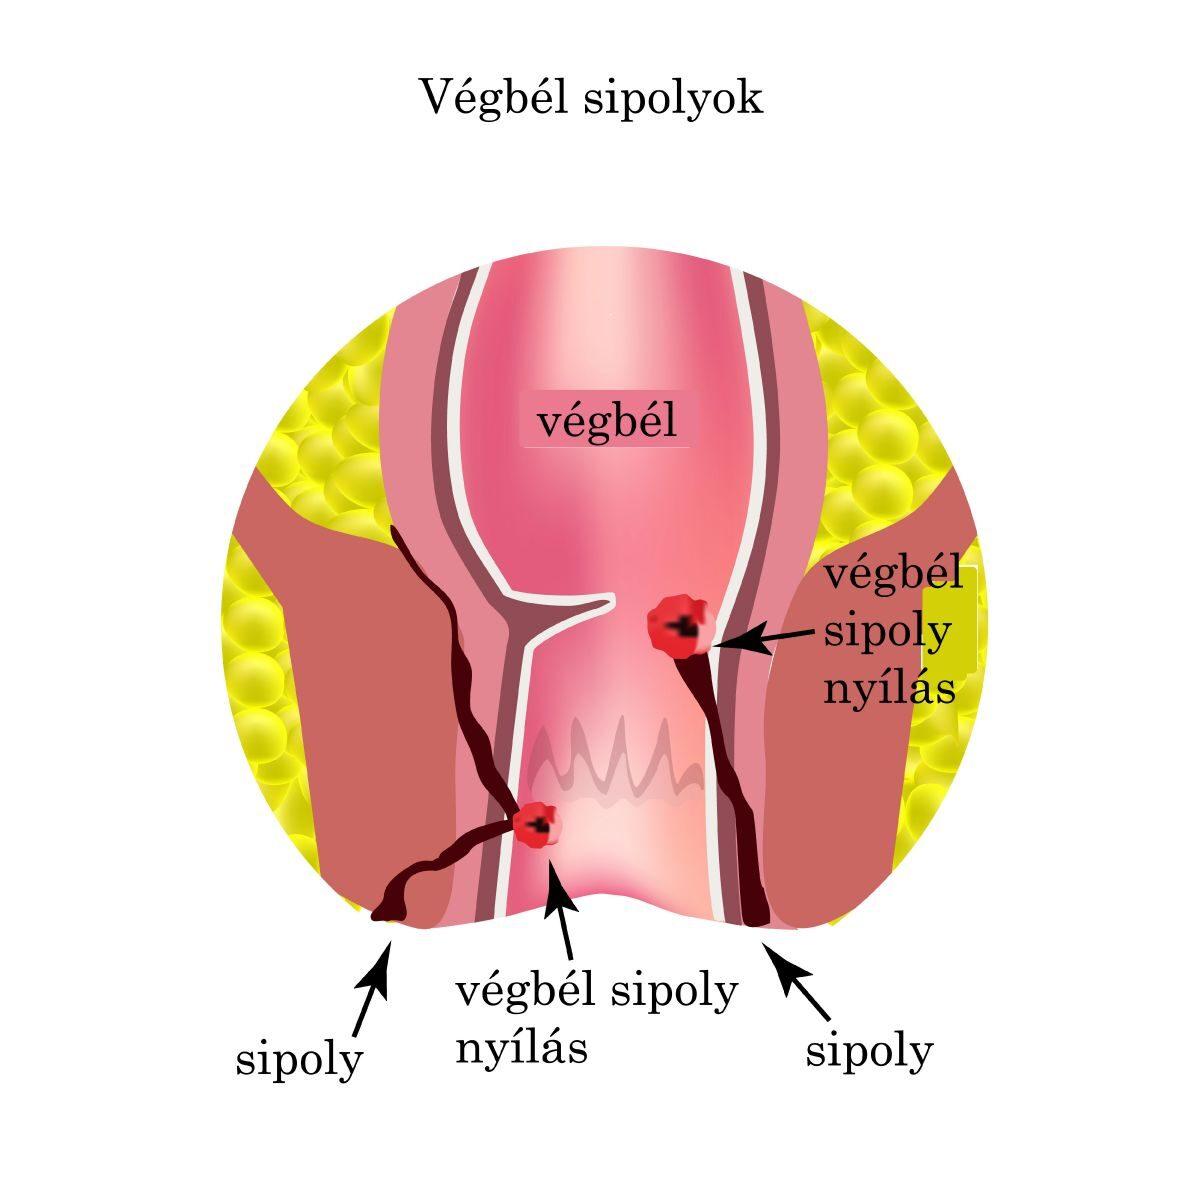 áttekintés a csípő dysplasia kezeléséről